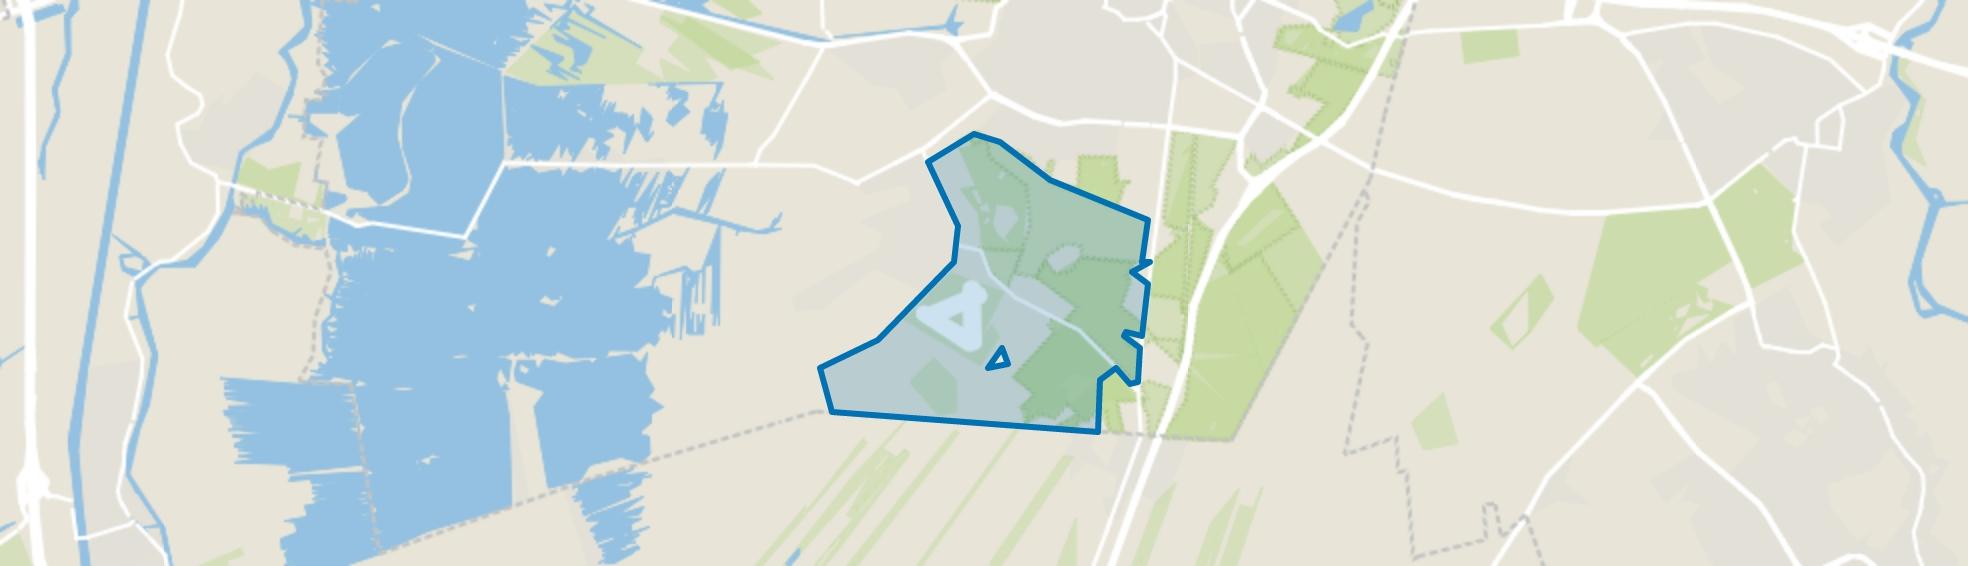 Landelijk Gebied 95, Hilversum map